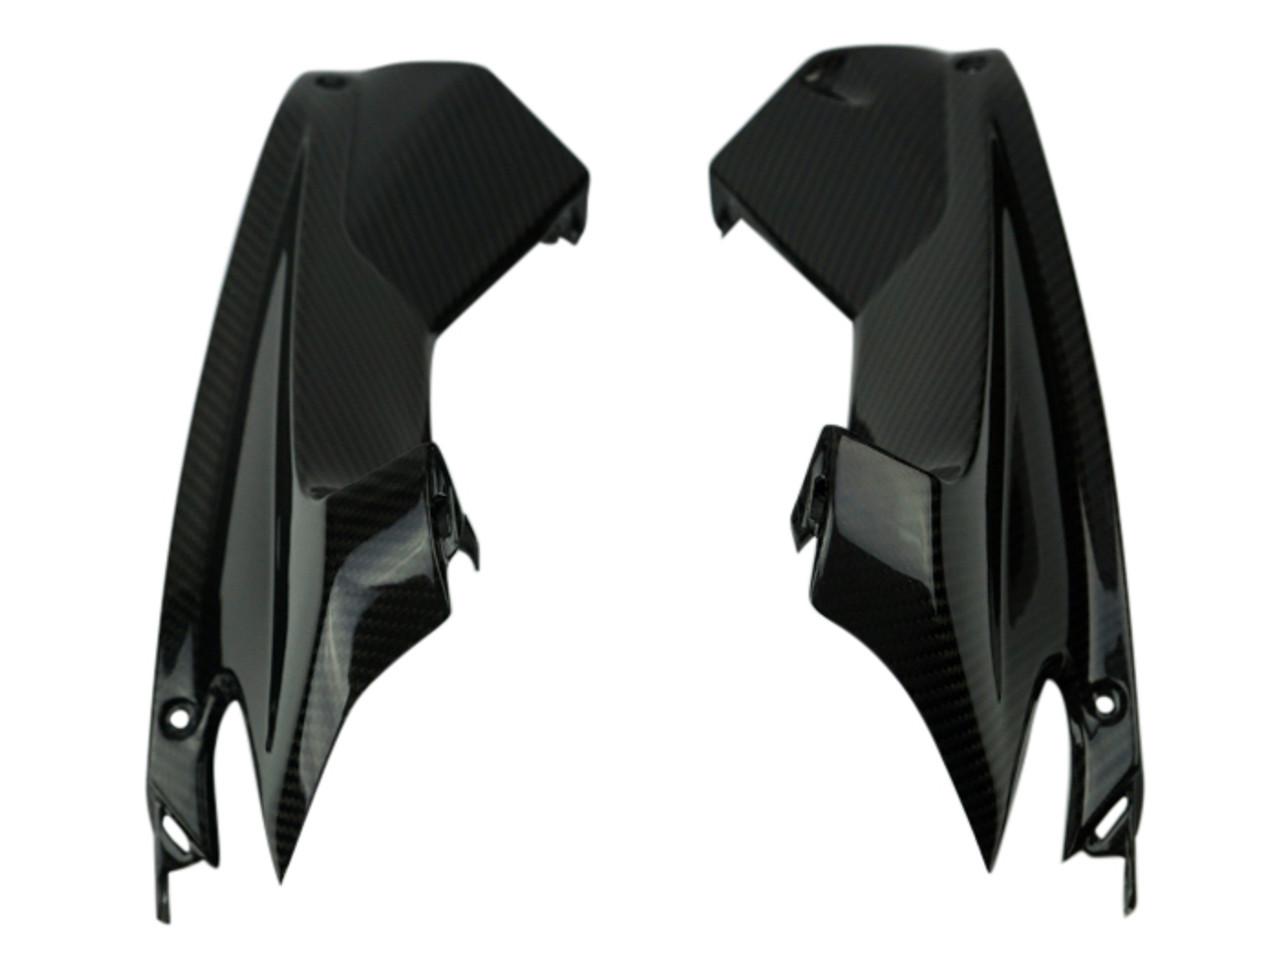 Upper Inner Fairings in Glossy Twill Weave Carbon Fiber for Aprilia RSV4 2016+